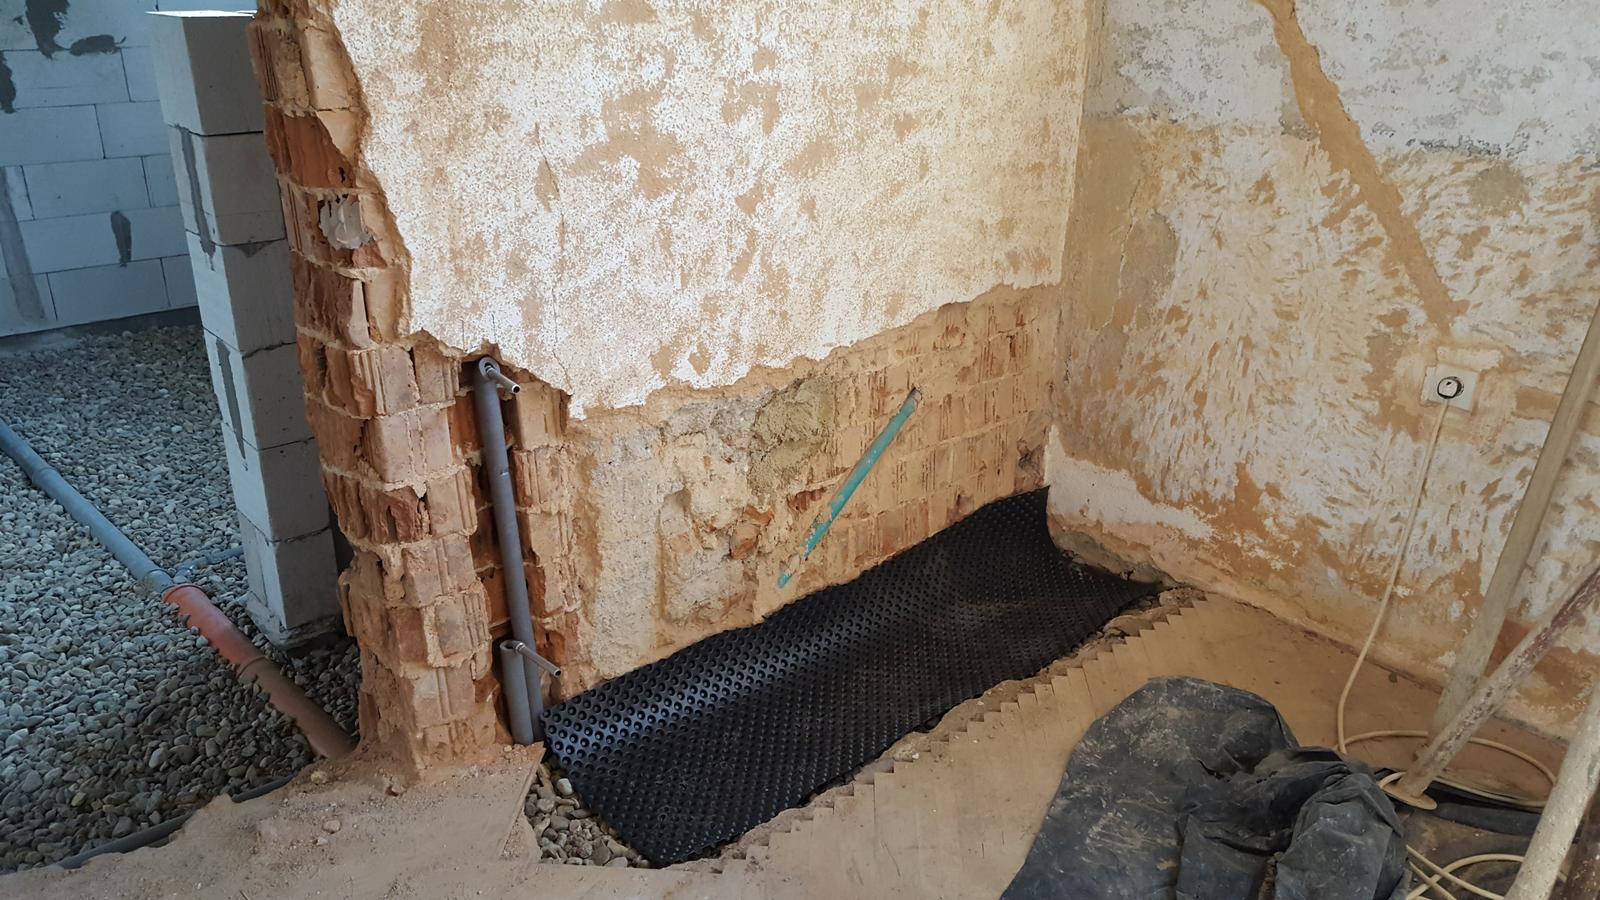 Prerabka domu v historickom centre - radiator v spalni prelozeny a kanalizacia napojena, hlavna rura ide popod spalnu